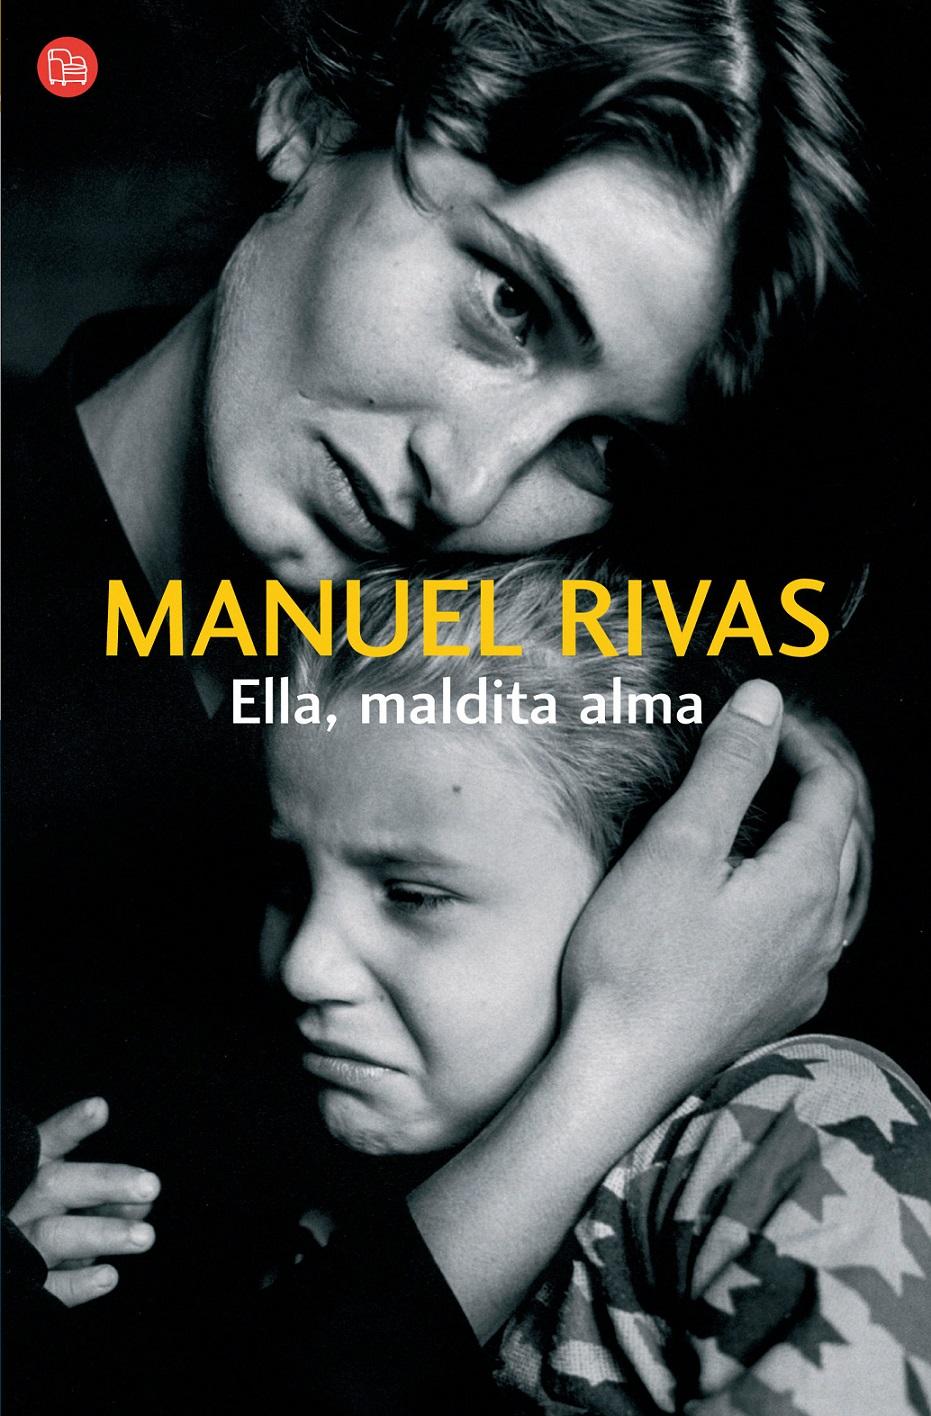 http://laantiguabiblos.blogspot.com/2018/09/ella-maldita-alma-manuel-rivas.html